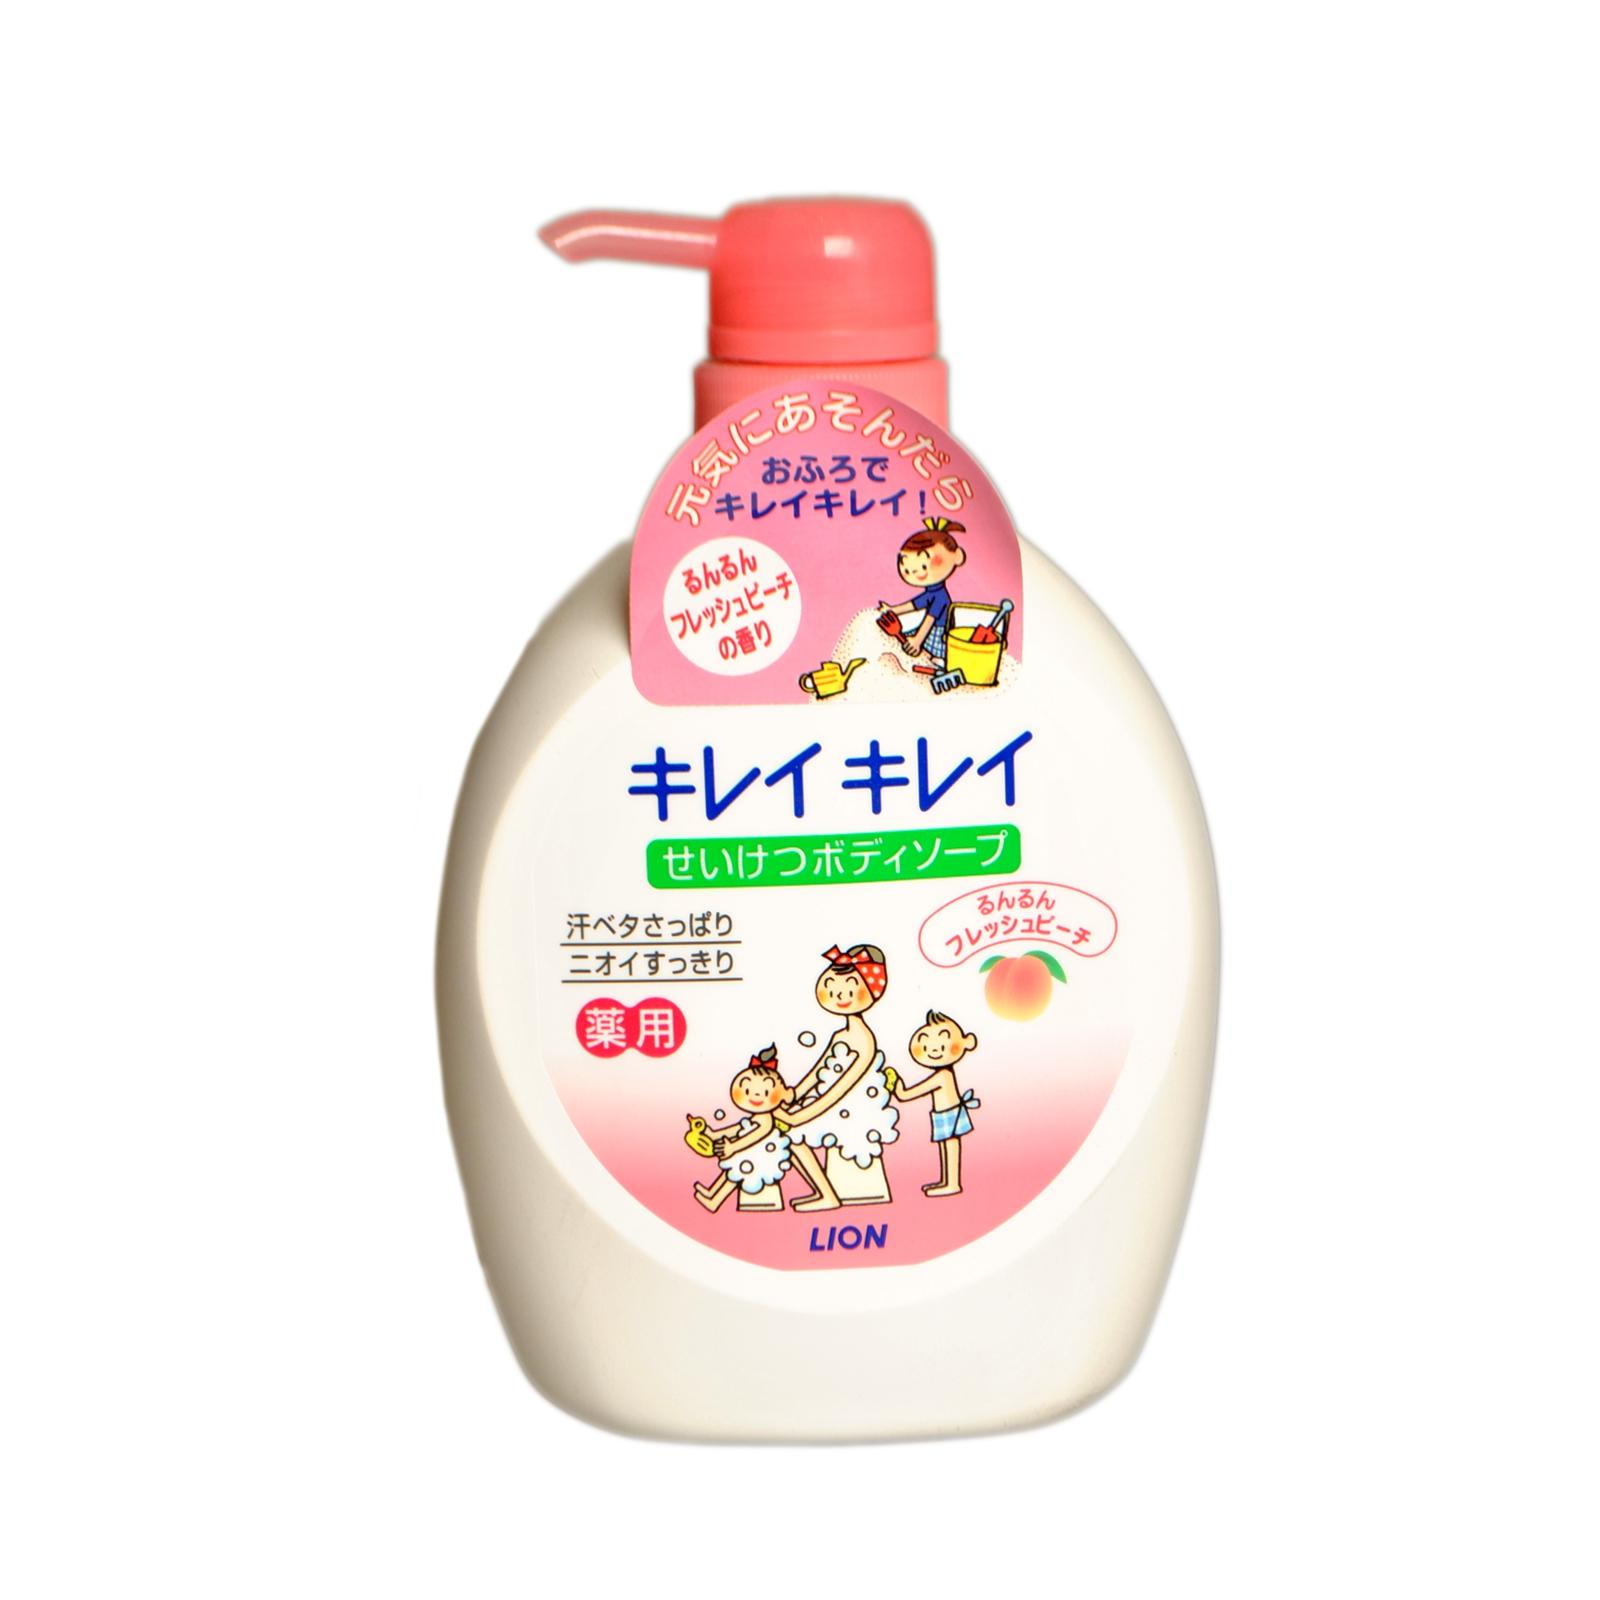 Жидкое мыло для рук Lion KireiKirei с ароматом цитрусовых (запасная упаковка) 250 мл<br>